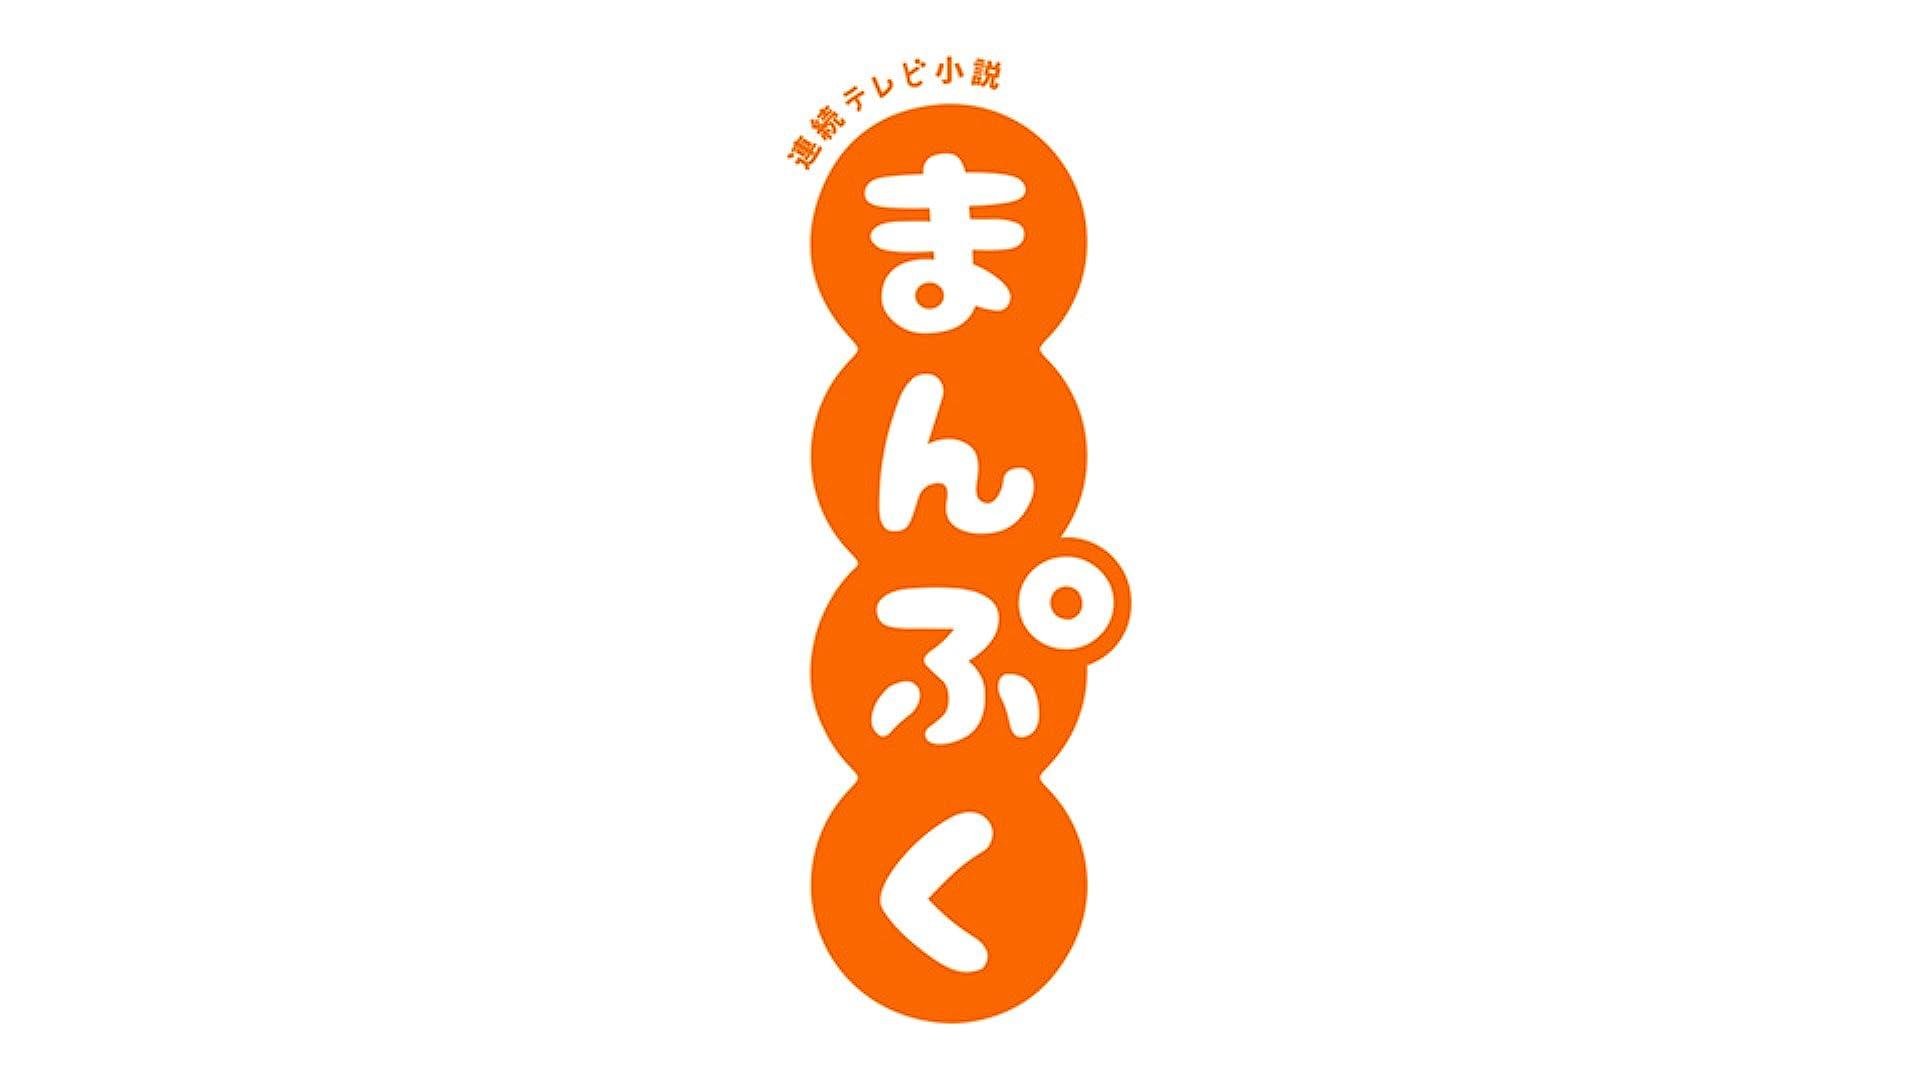 まんぷく(NHKオンデマンド)